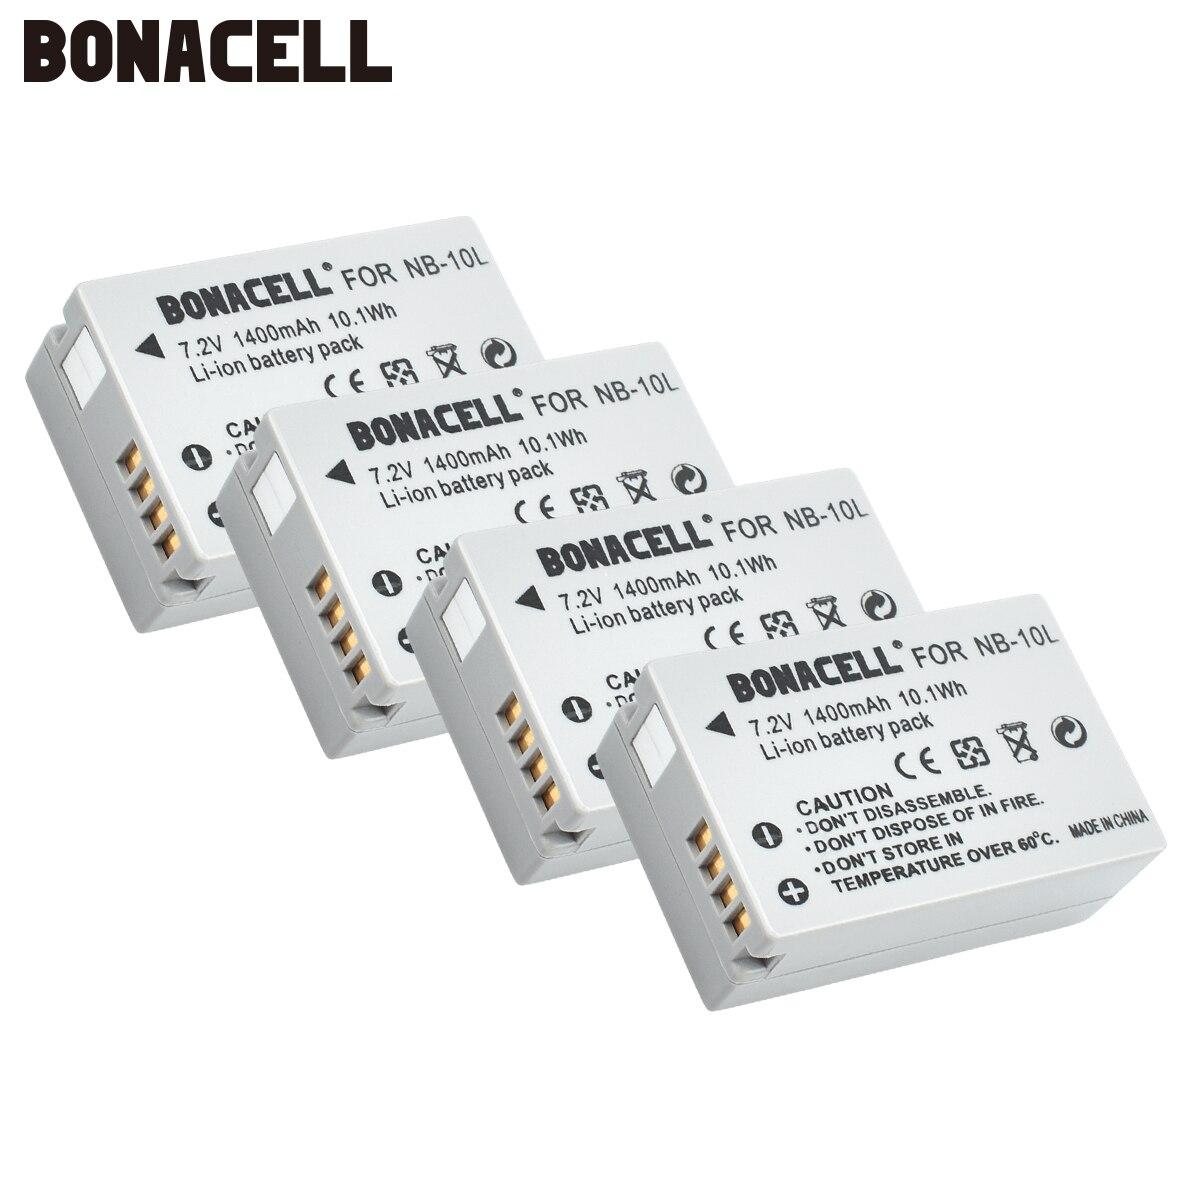 NB-10L NB10L Bonacell 7.2 V 1400 mAh Baterias para Canon NB 10L G1X G15 G16 SX40HS SX50HS SX60HS SX40 SX50 SX60 HS Bateria L10